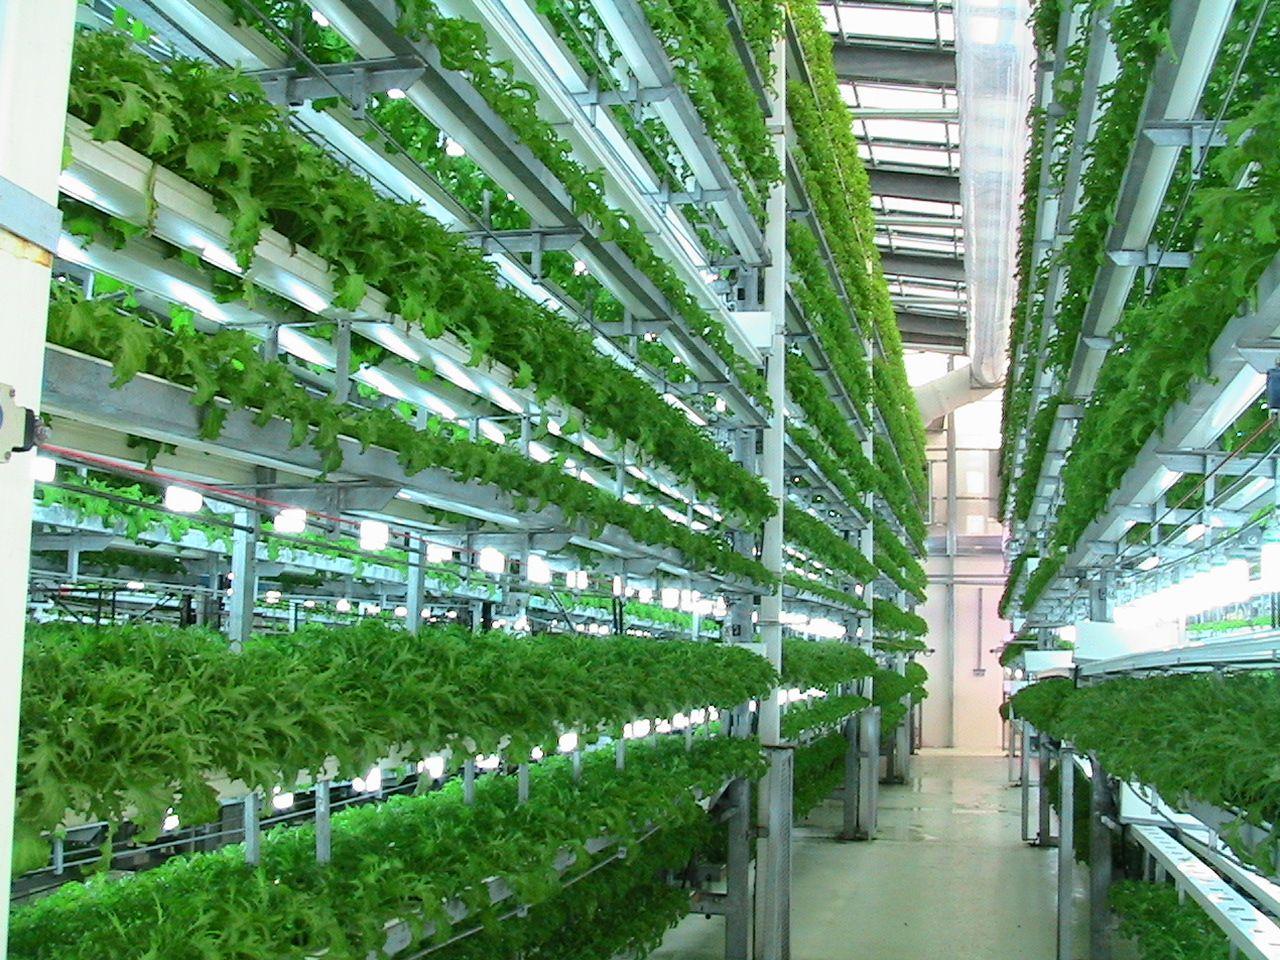 hydroponics aquaponics and aeroponics hydroponics coops and